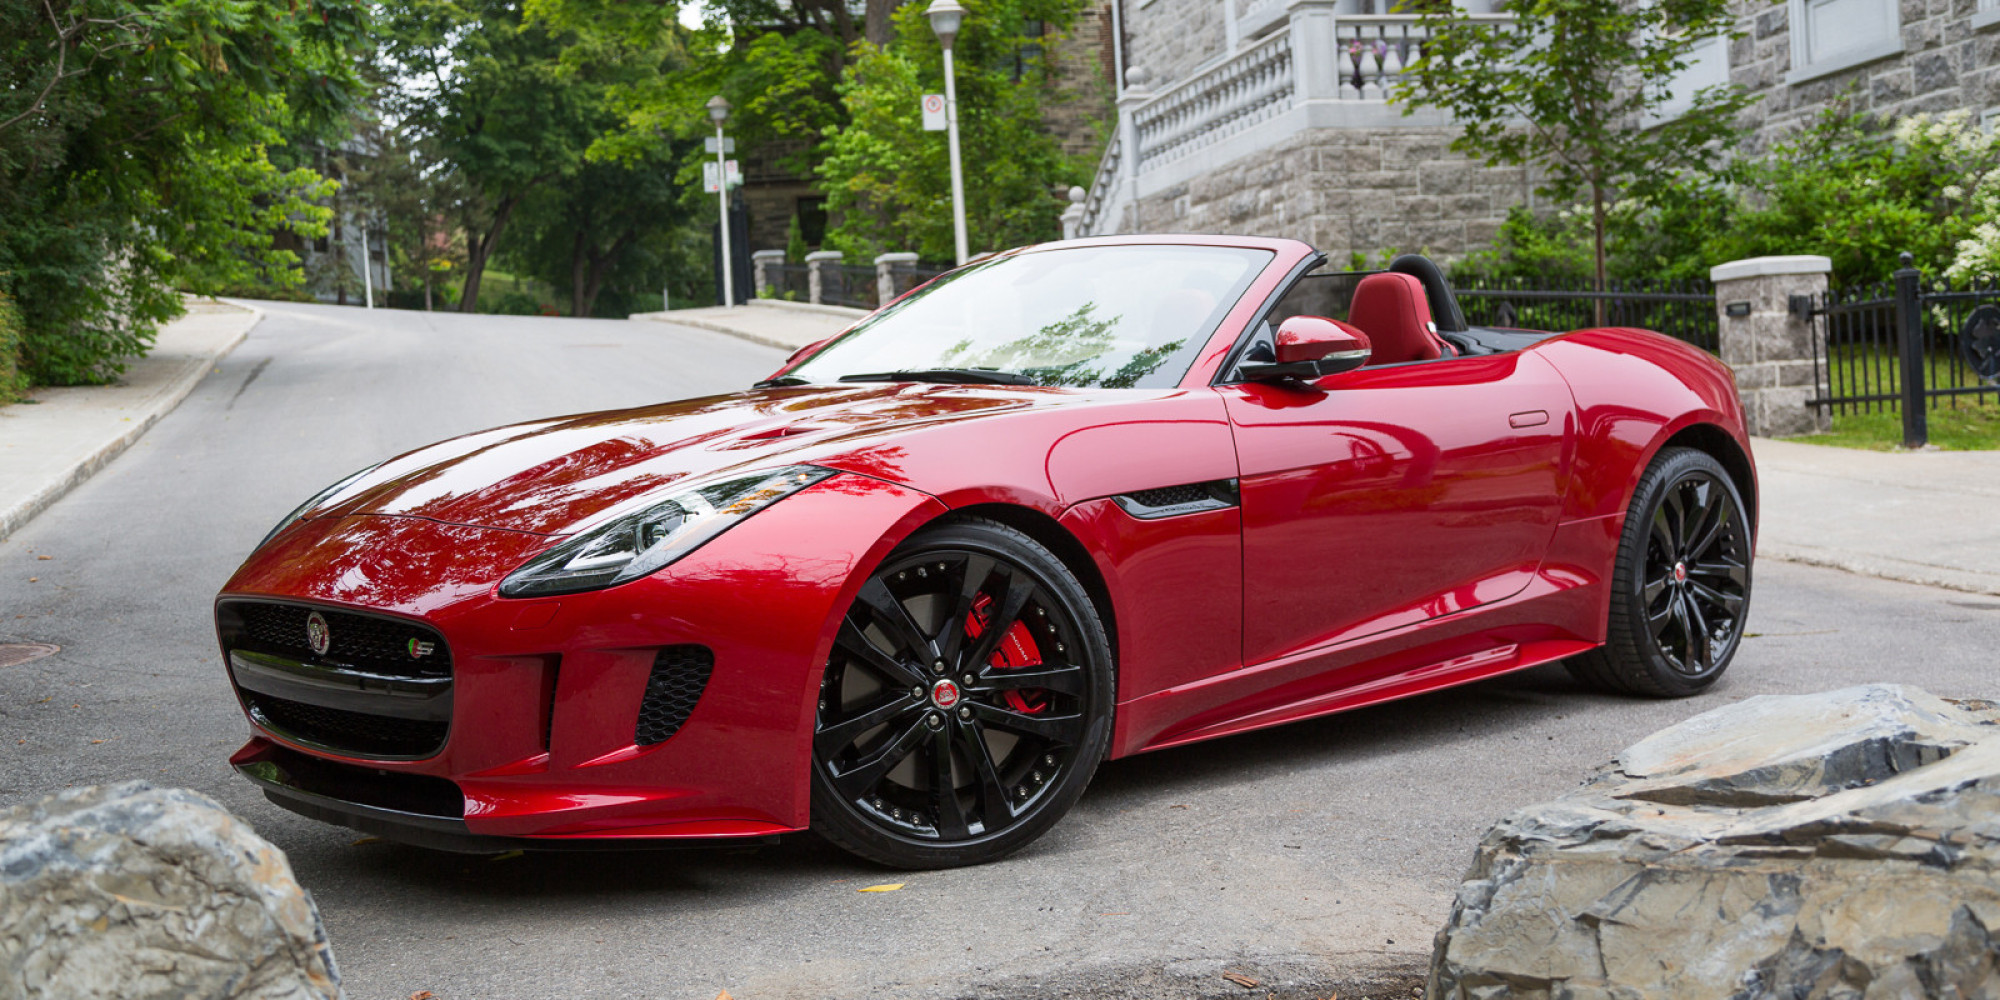 essai routier jaguar f type s awd 2016 sortez la m me. Black Bedroom Furniture Sets. Home Design Ideas